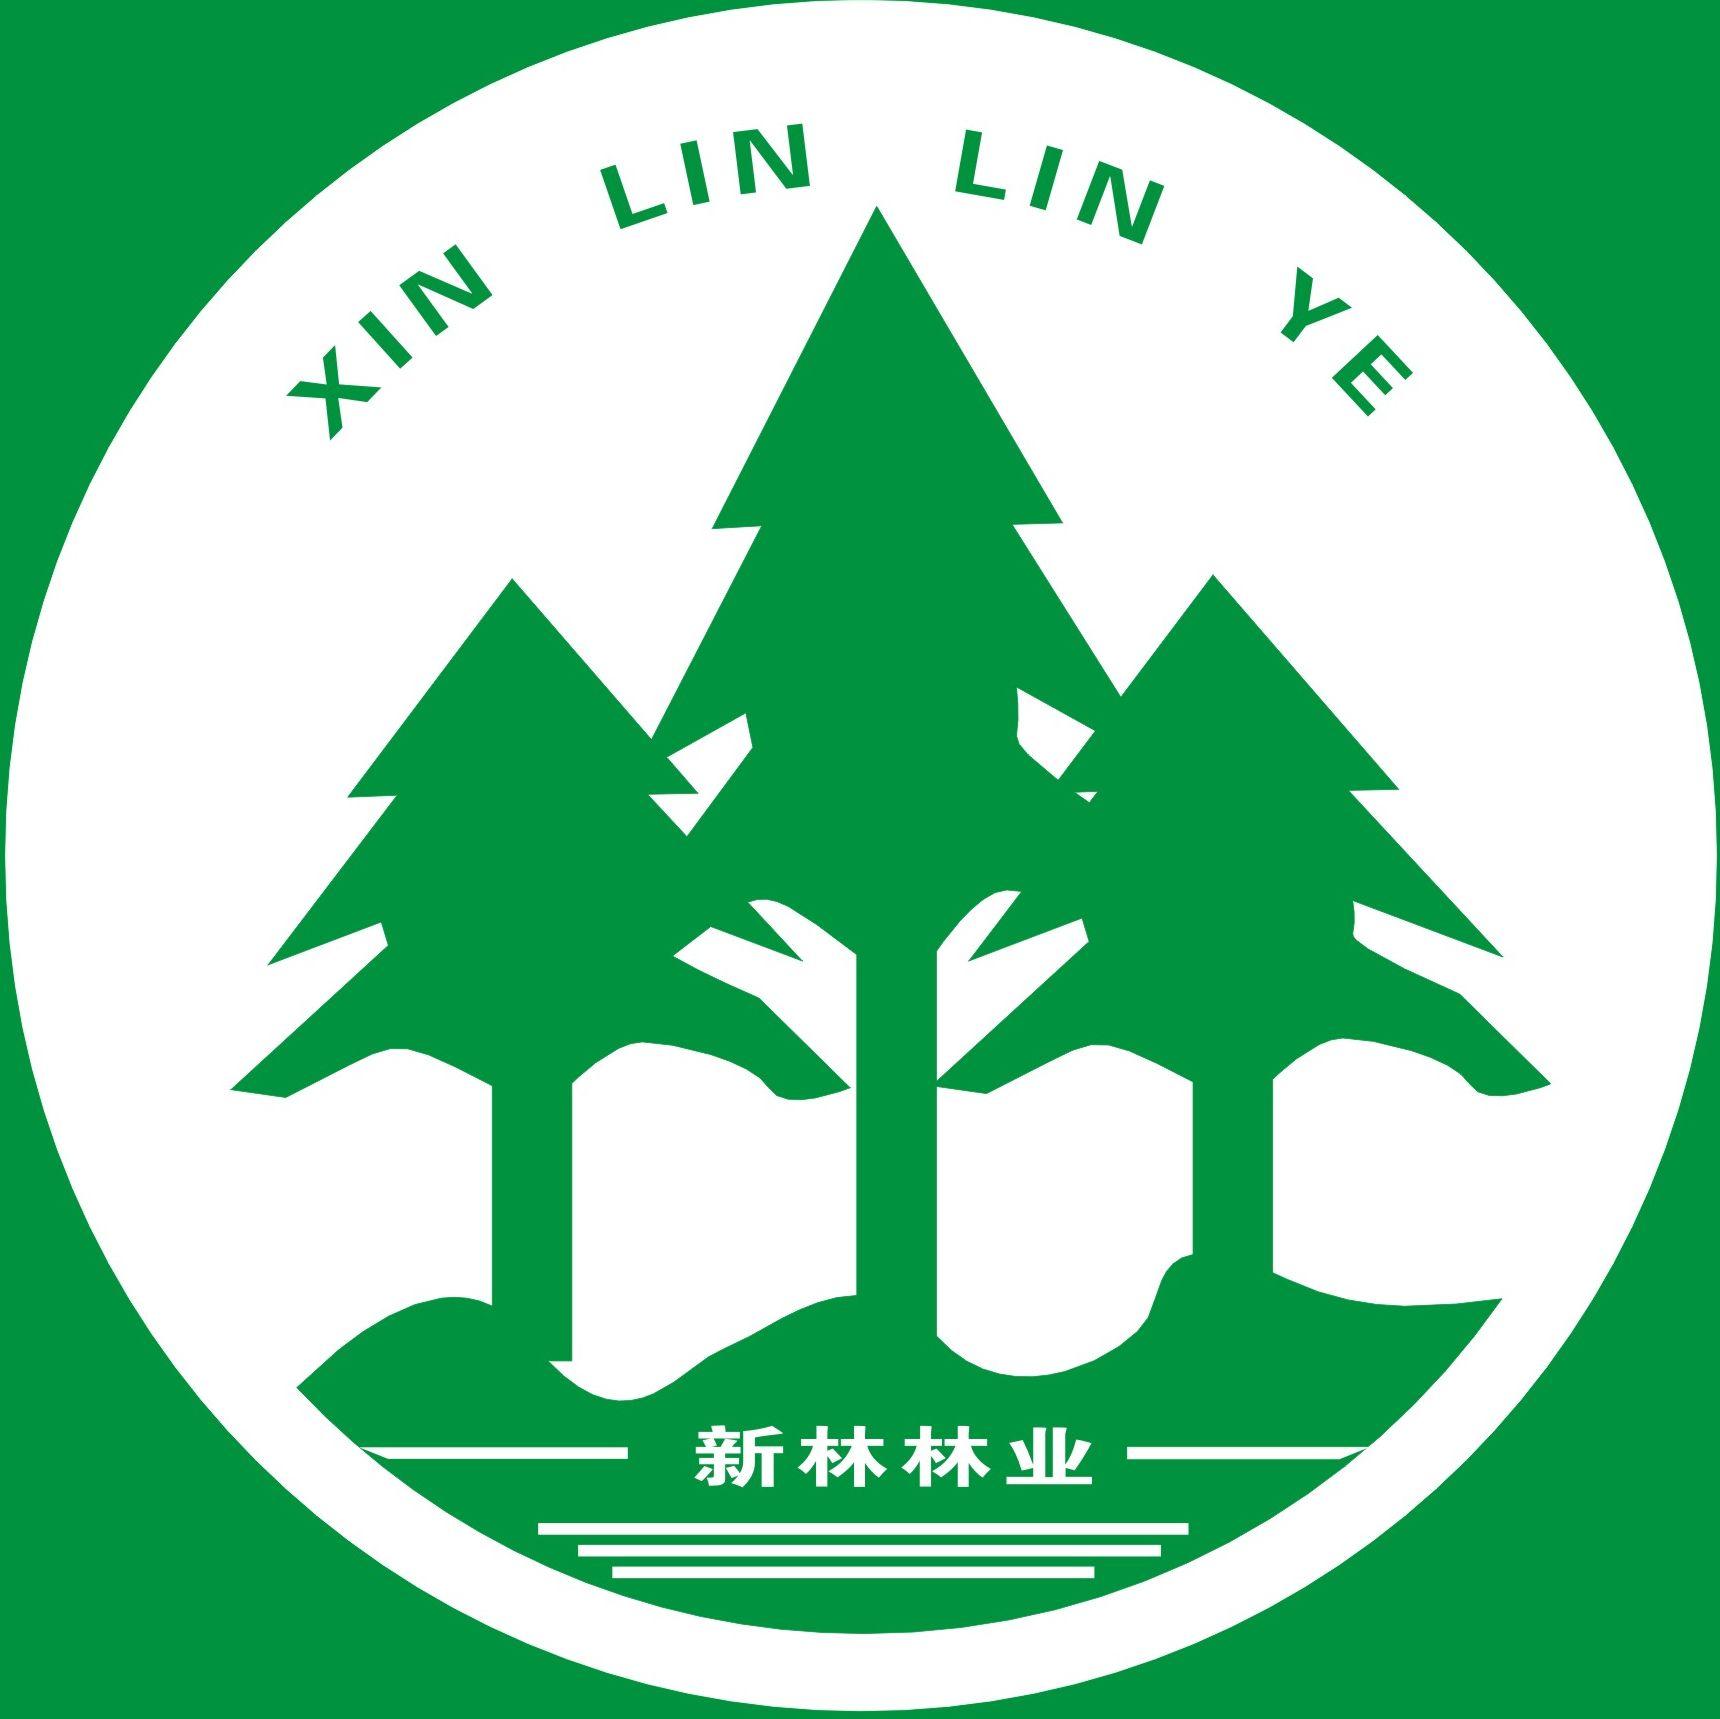 贺州市新林林业开发有限公司最新招聘信息